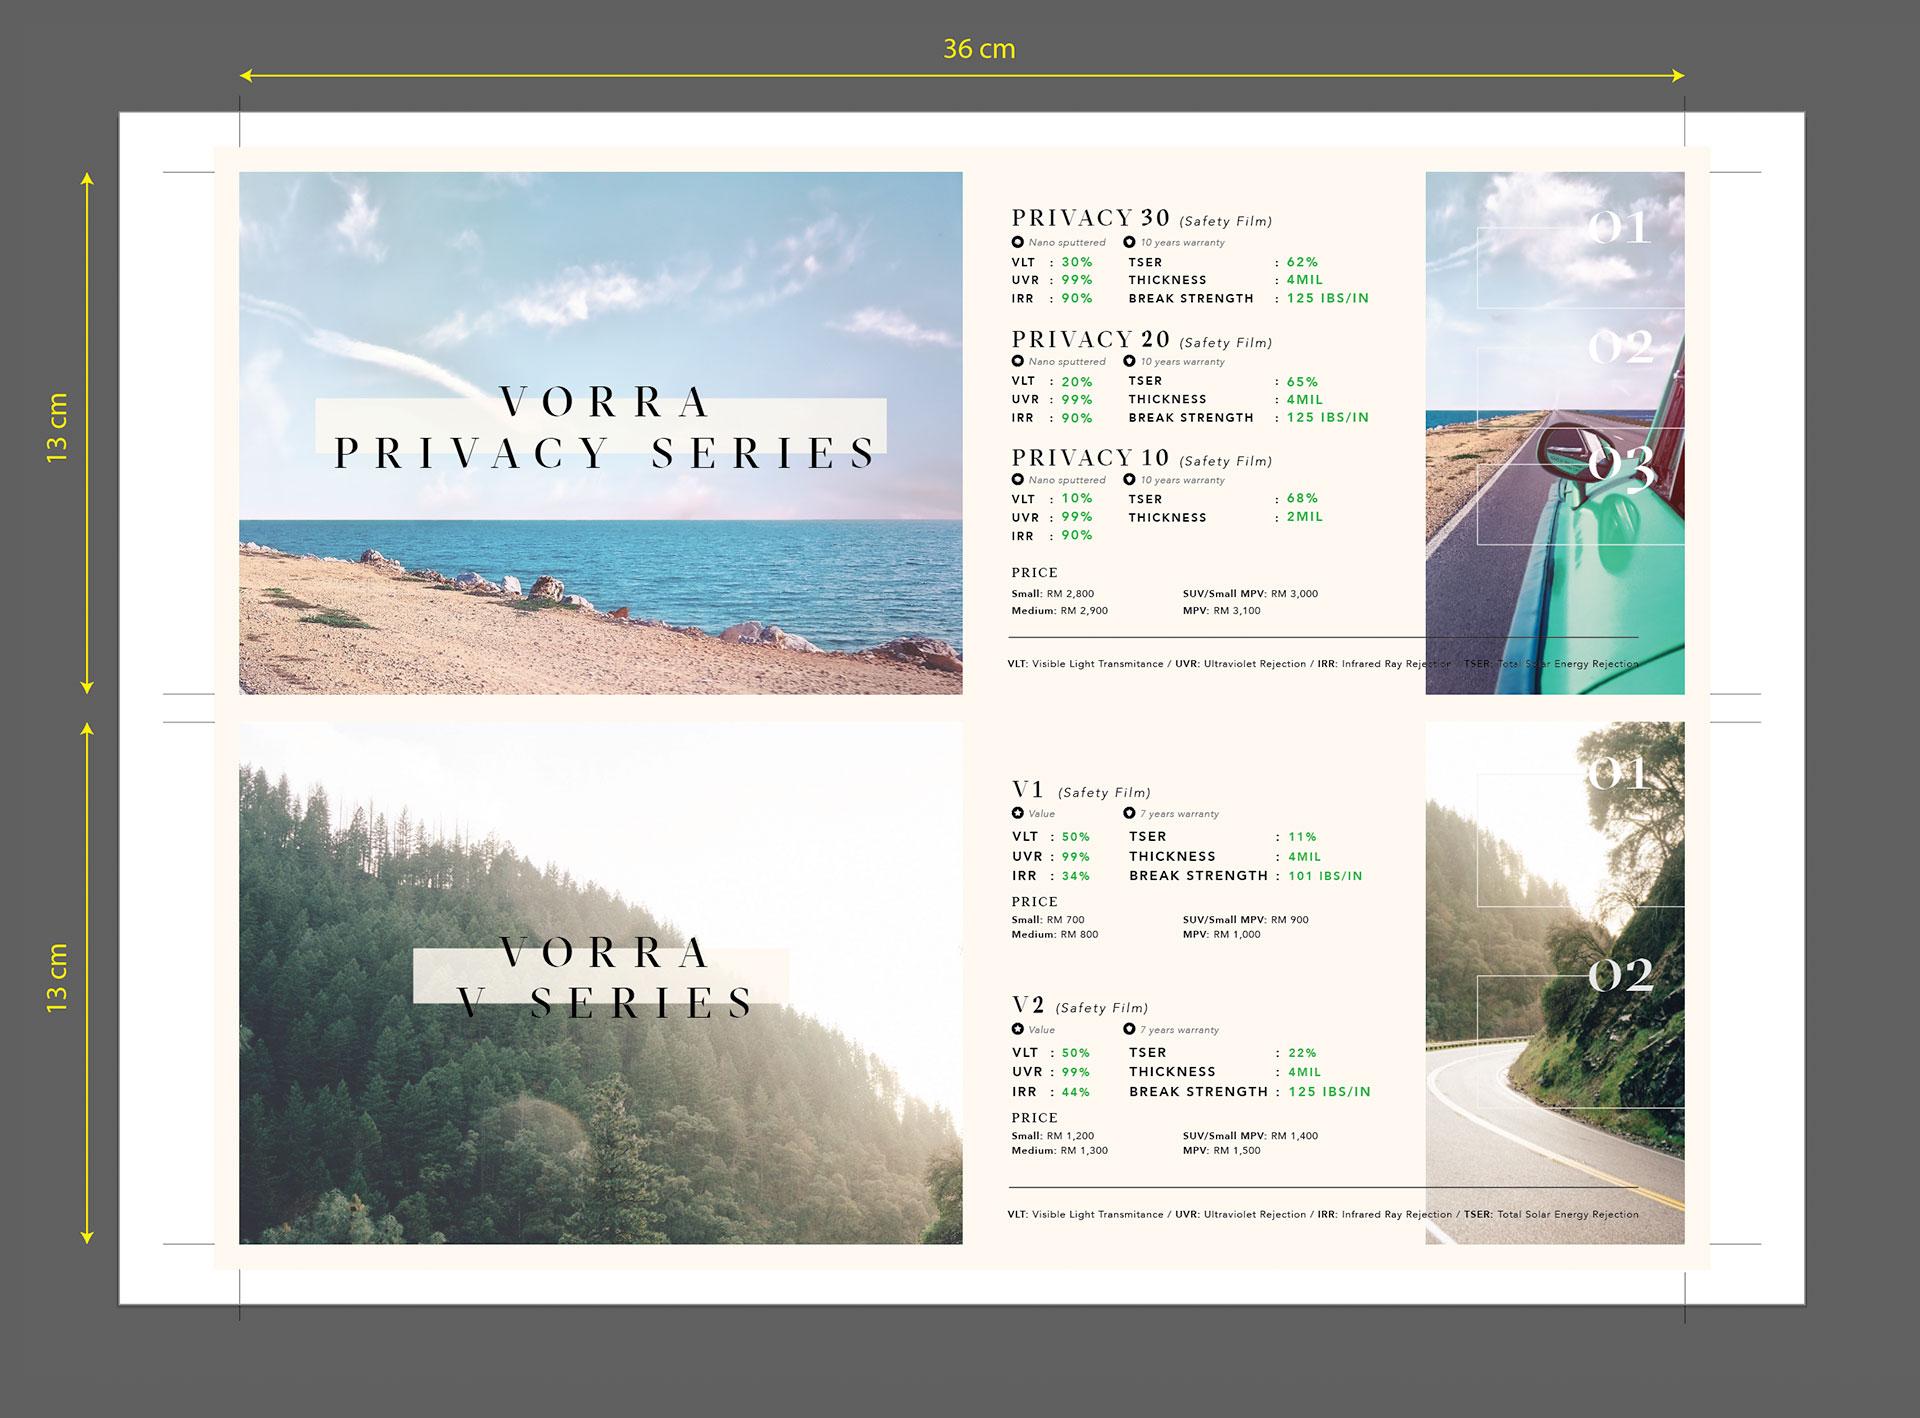 vorra catalog design